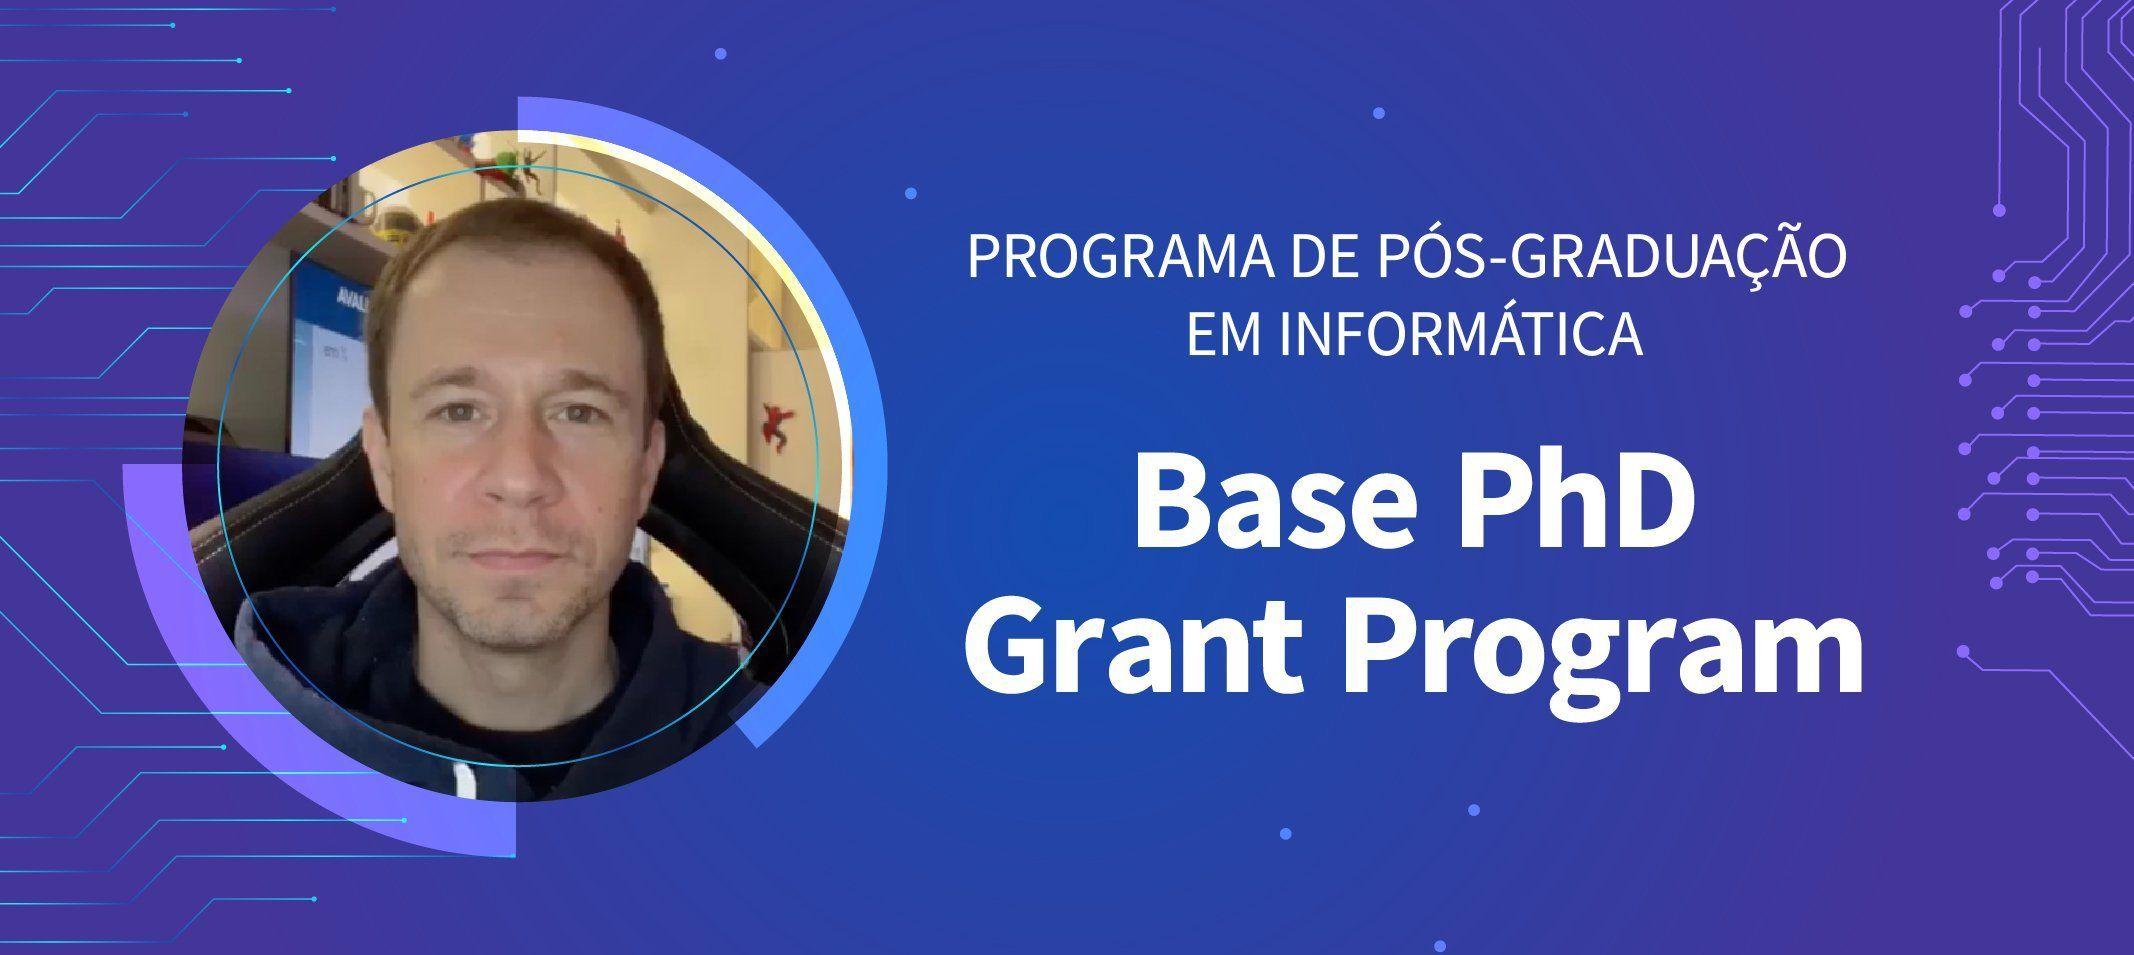 Base Partners seleciona talentos da área de Ciência da Computação para receber auxílio financeiro de até R$ 240 mil reais